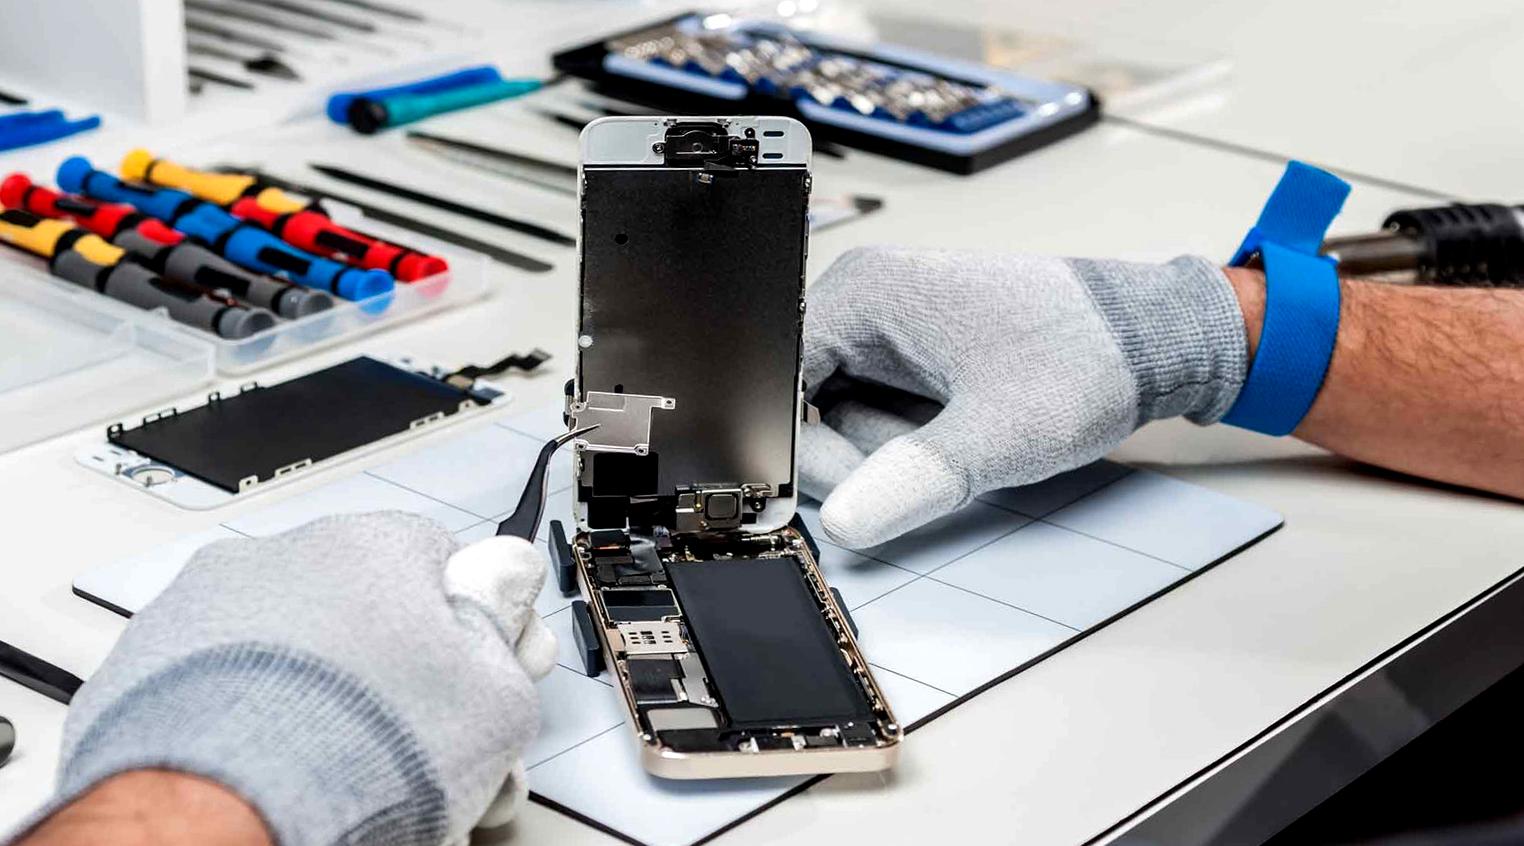 Ремонт iPhone в Минске в компании Pedant: в чем преимущества